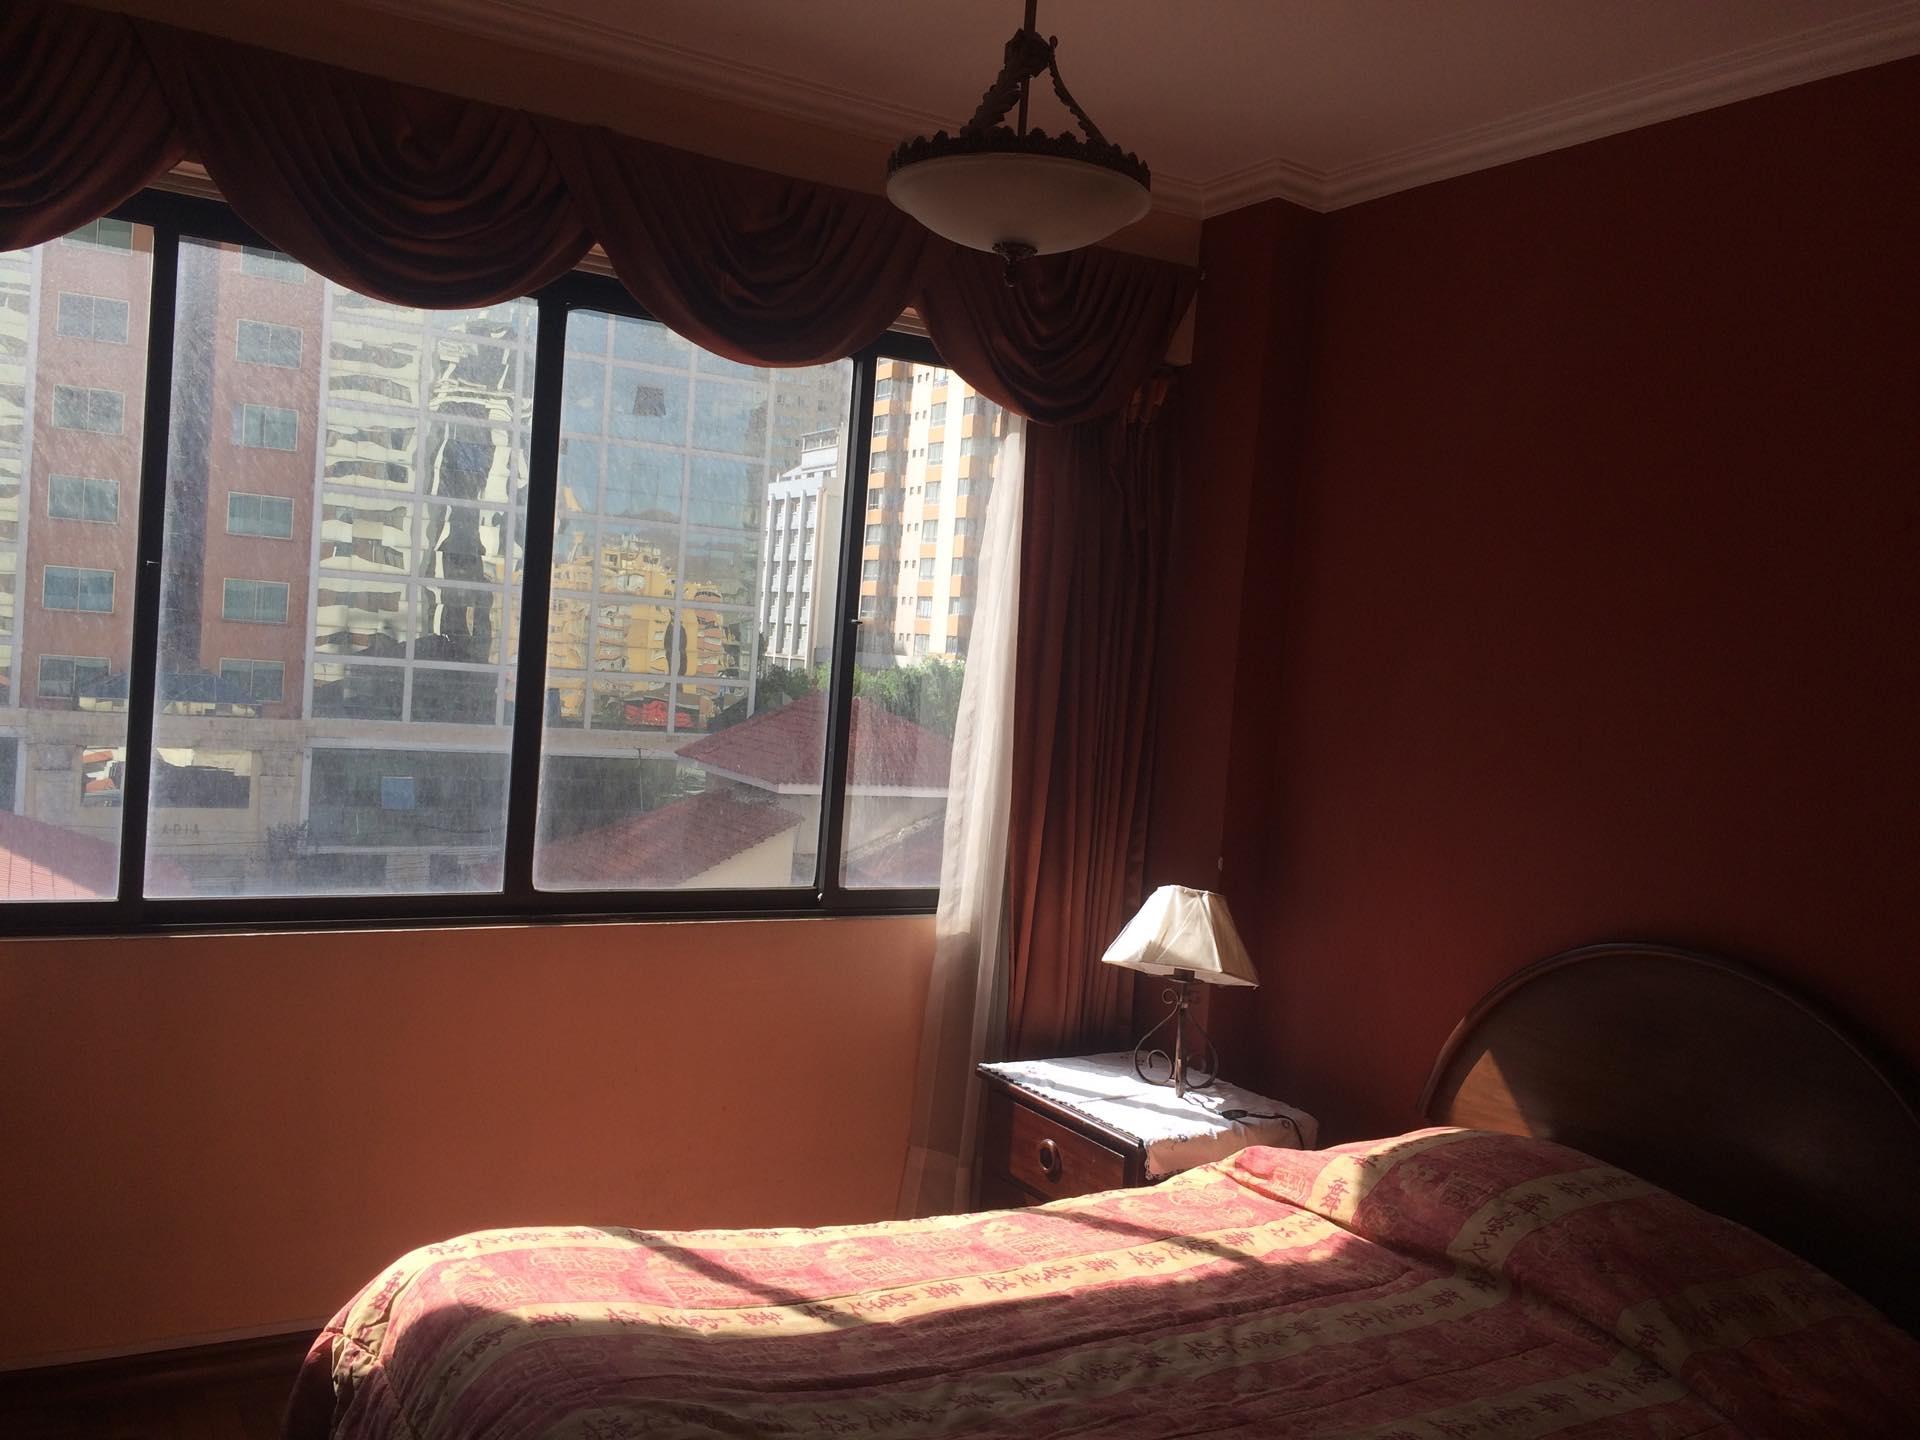 Departamento en Alquiler AV ARCE -DEPARTAMENTO TOTALMENTE AMOBLADO SOLEADO  - 4 dormitorios Foto 6